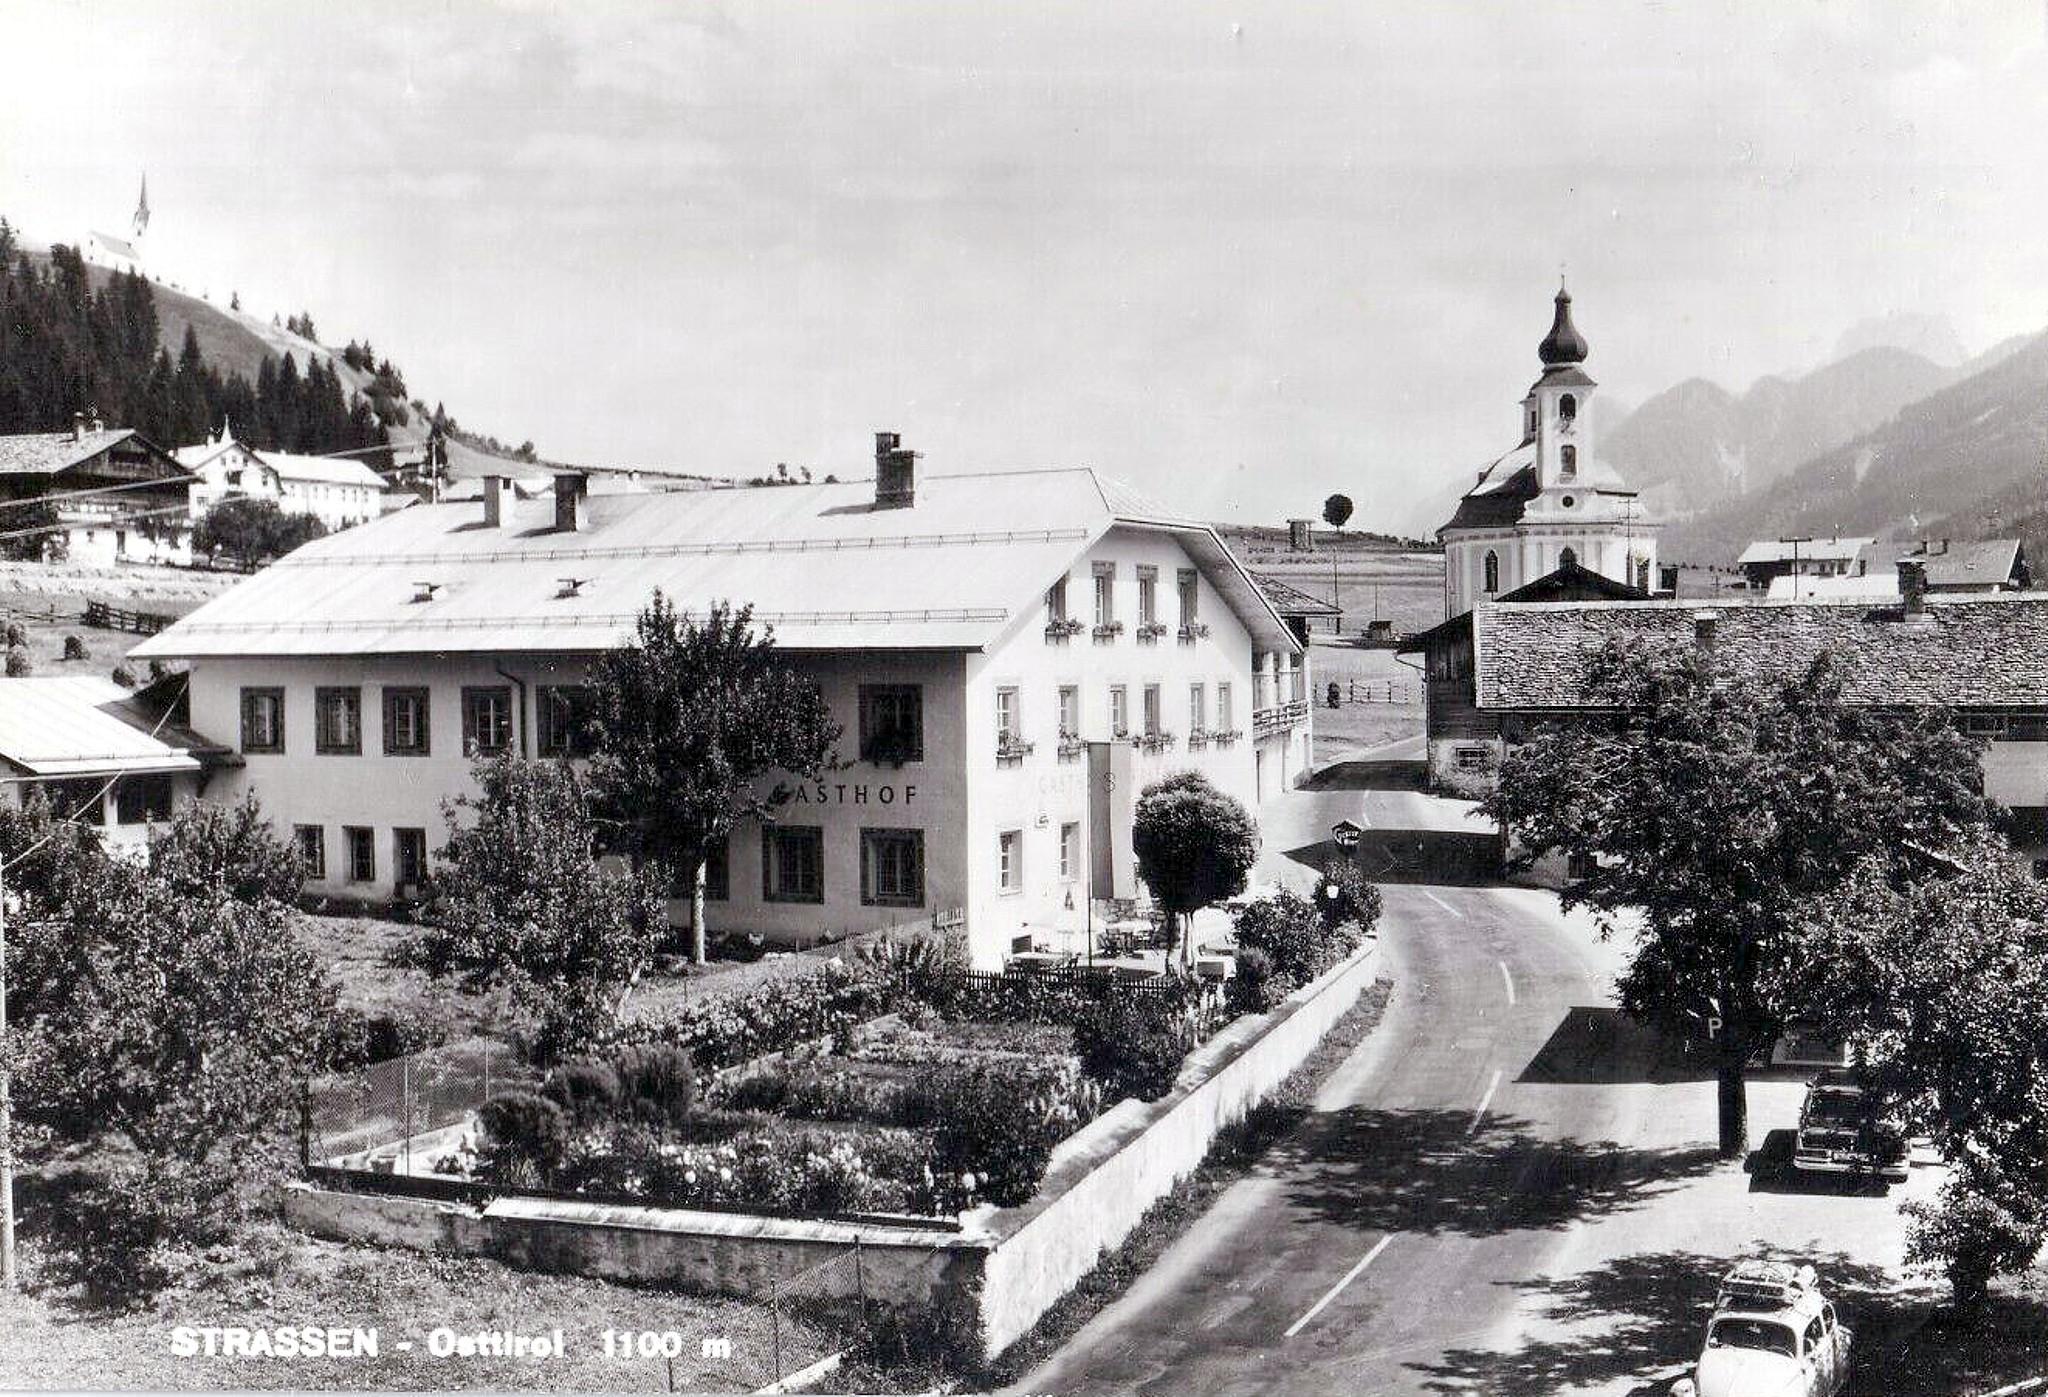 Strassen 1955, Gasthaus